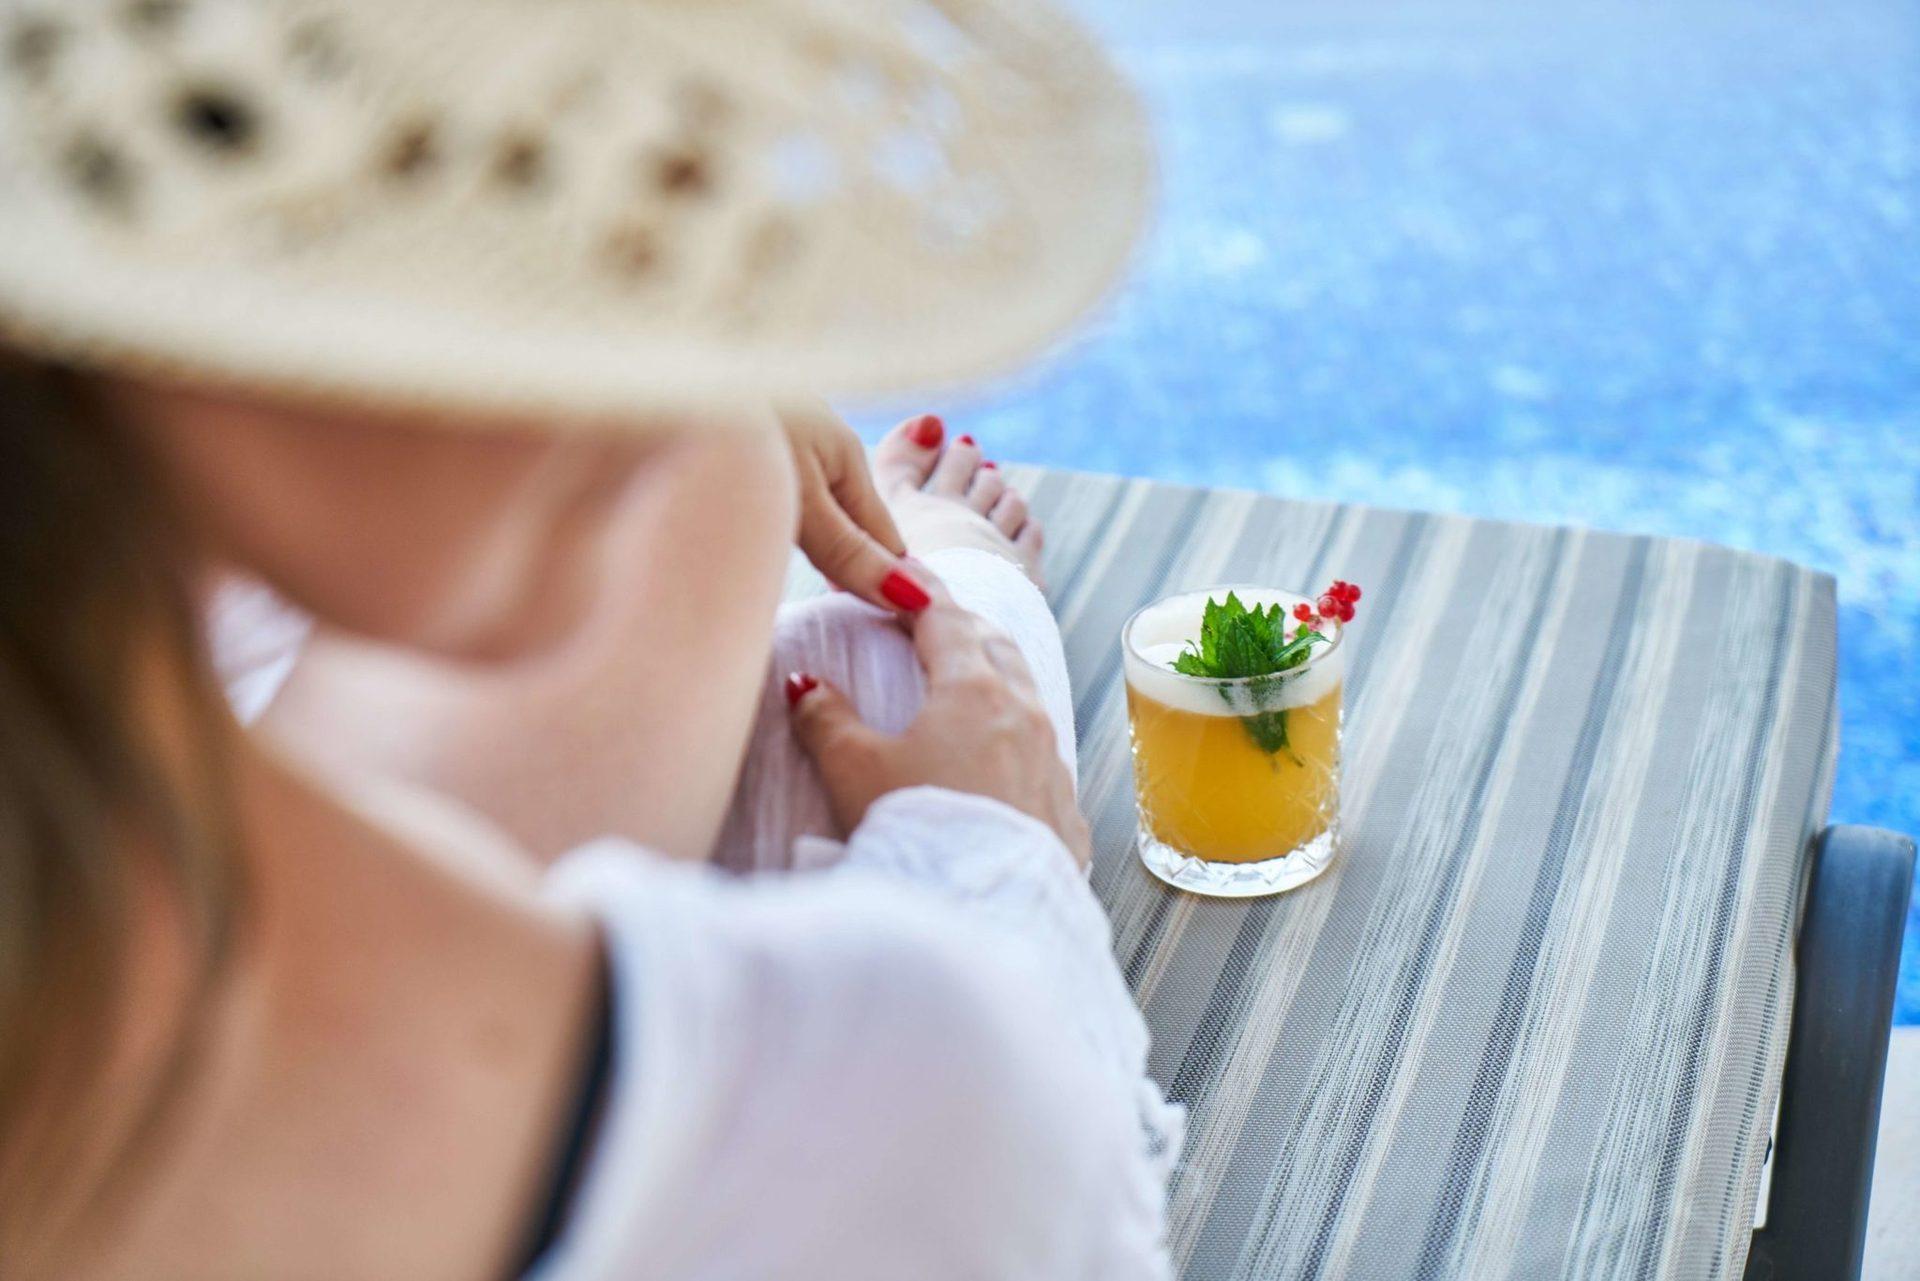 Під час їжі вам будуть надані напої: столове вино і вода, а також місцеві аперитиви (пунш, ром, фруктовий сік). Проносити з собою на борт напої заборонено!